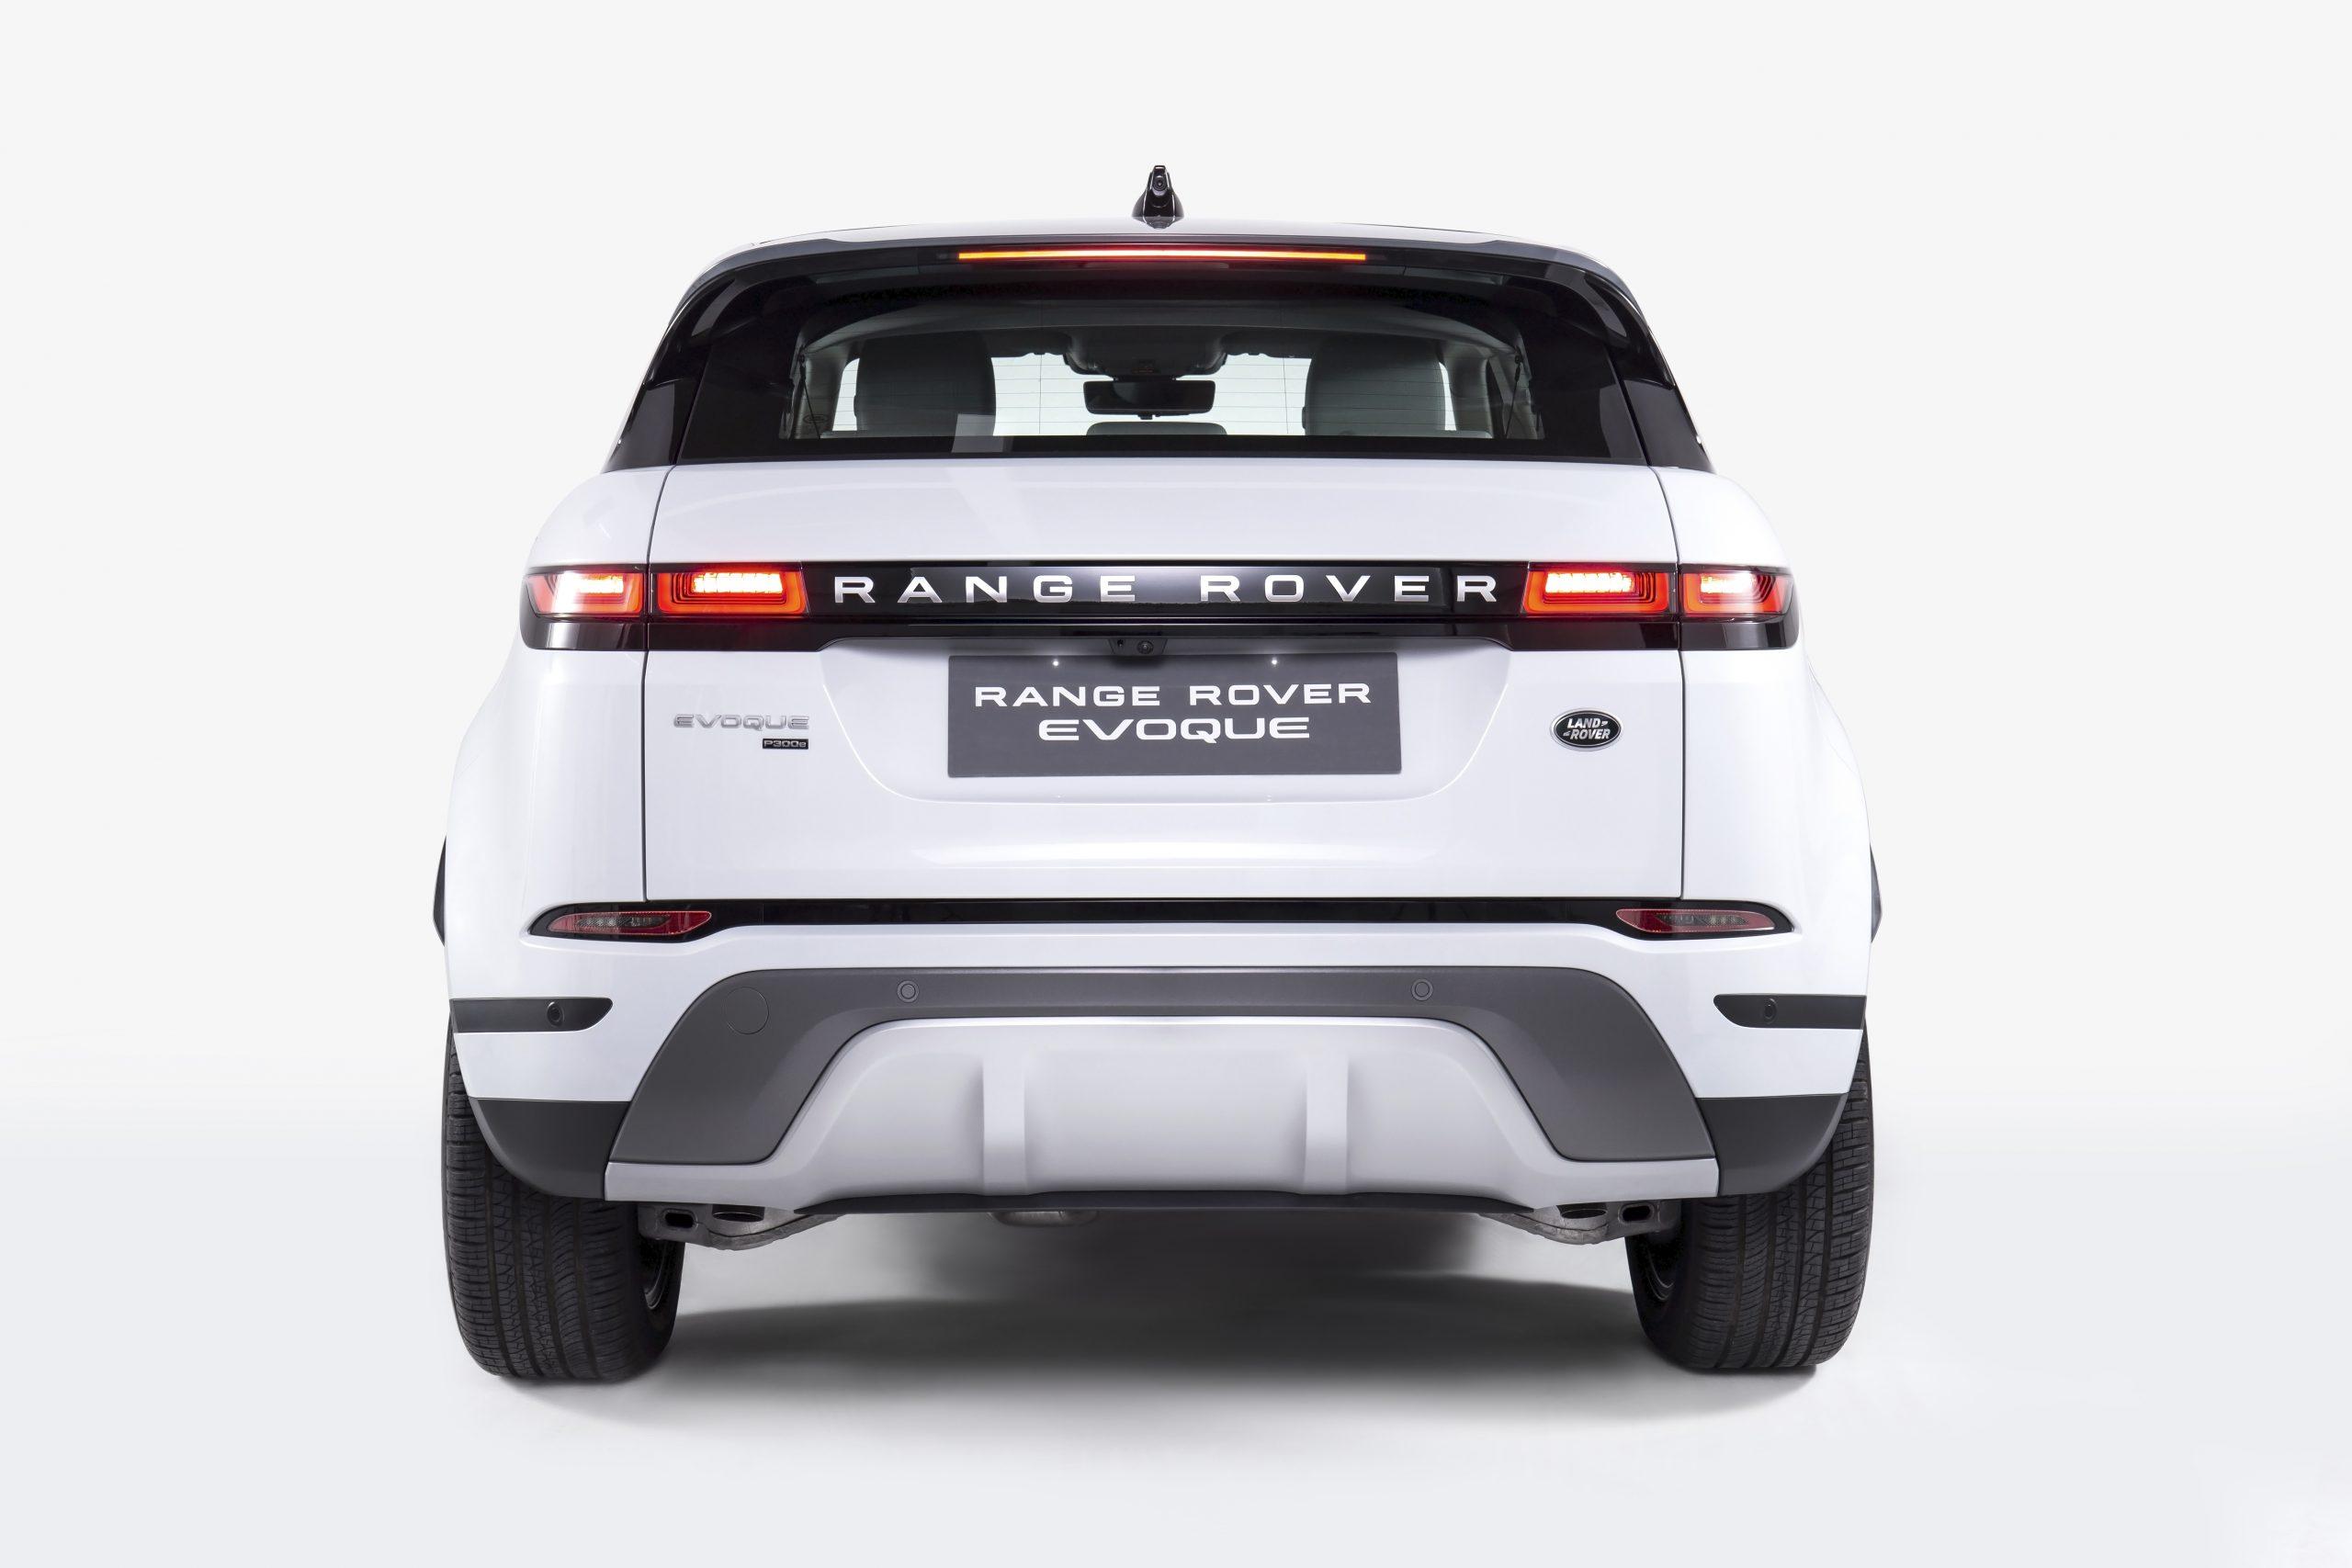 2021 Range Rover Evoque PHEV Lafayette Edition